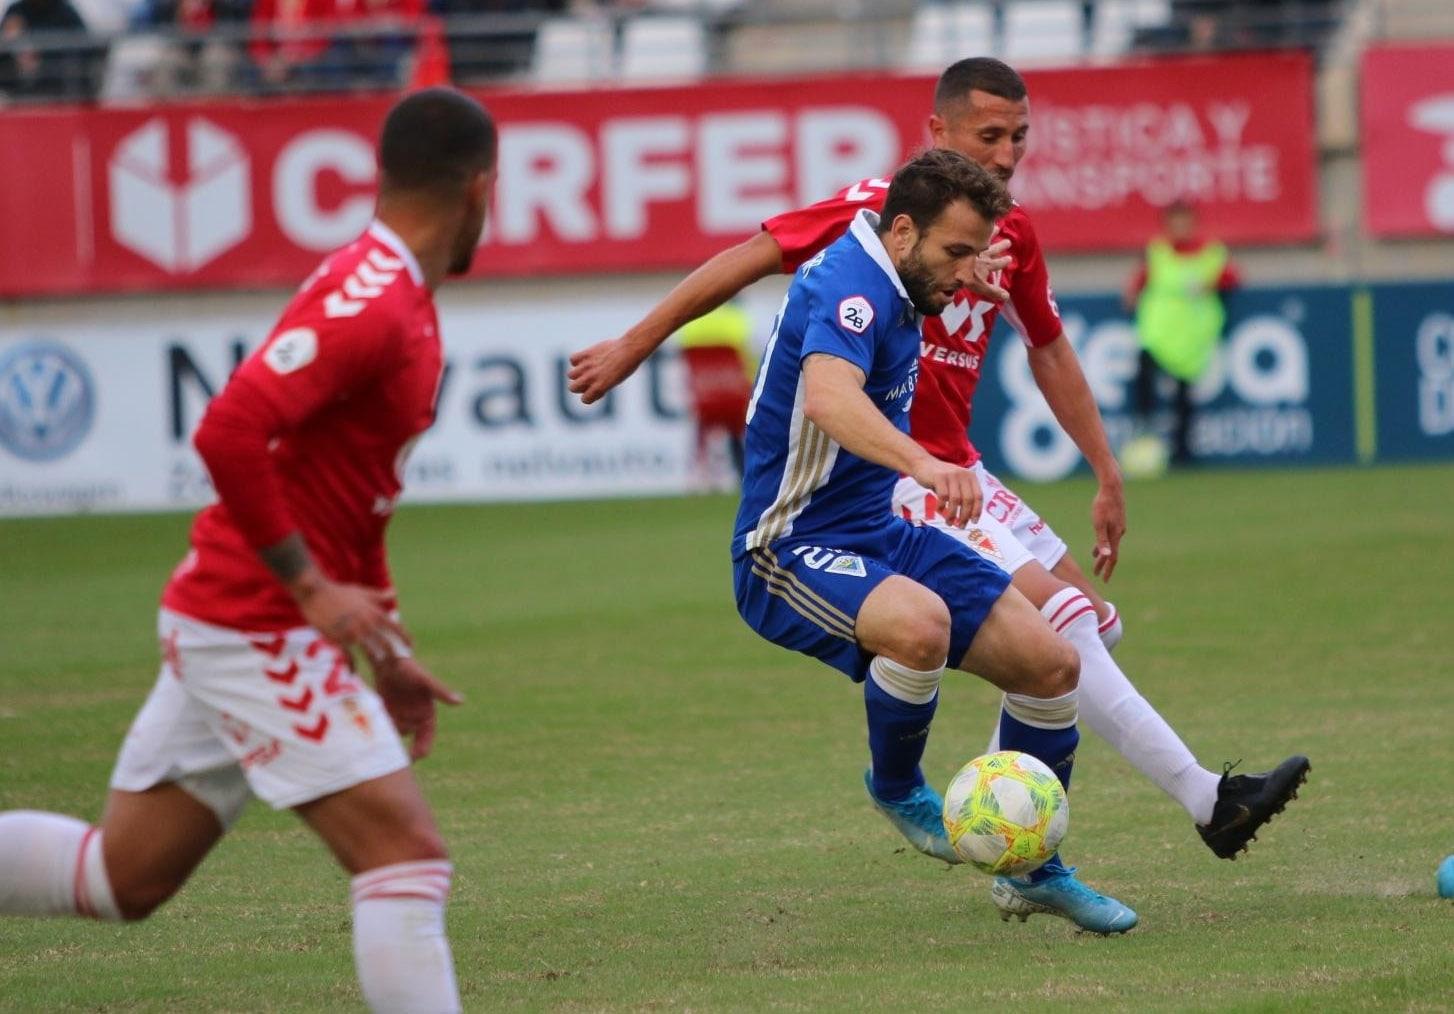 Marbella F.C. vs Murcia, un punto para los blanquillos tras un buen partido